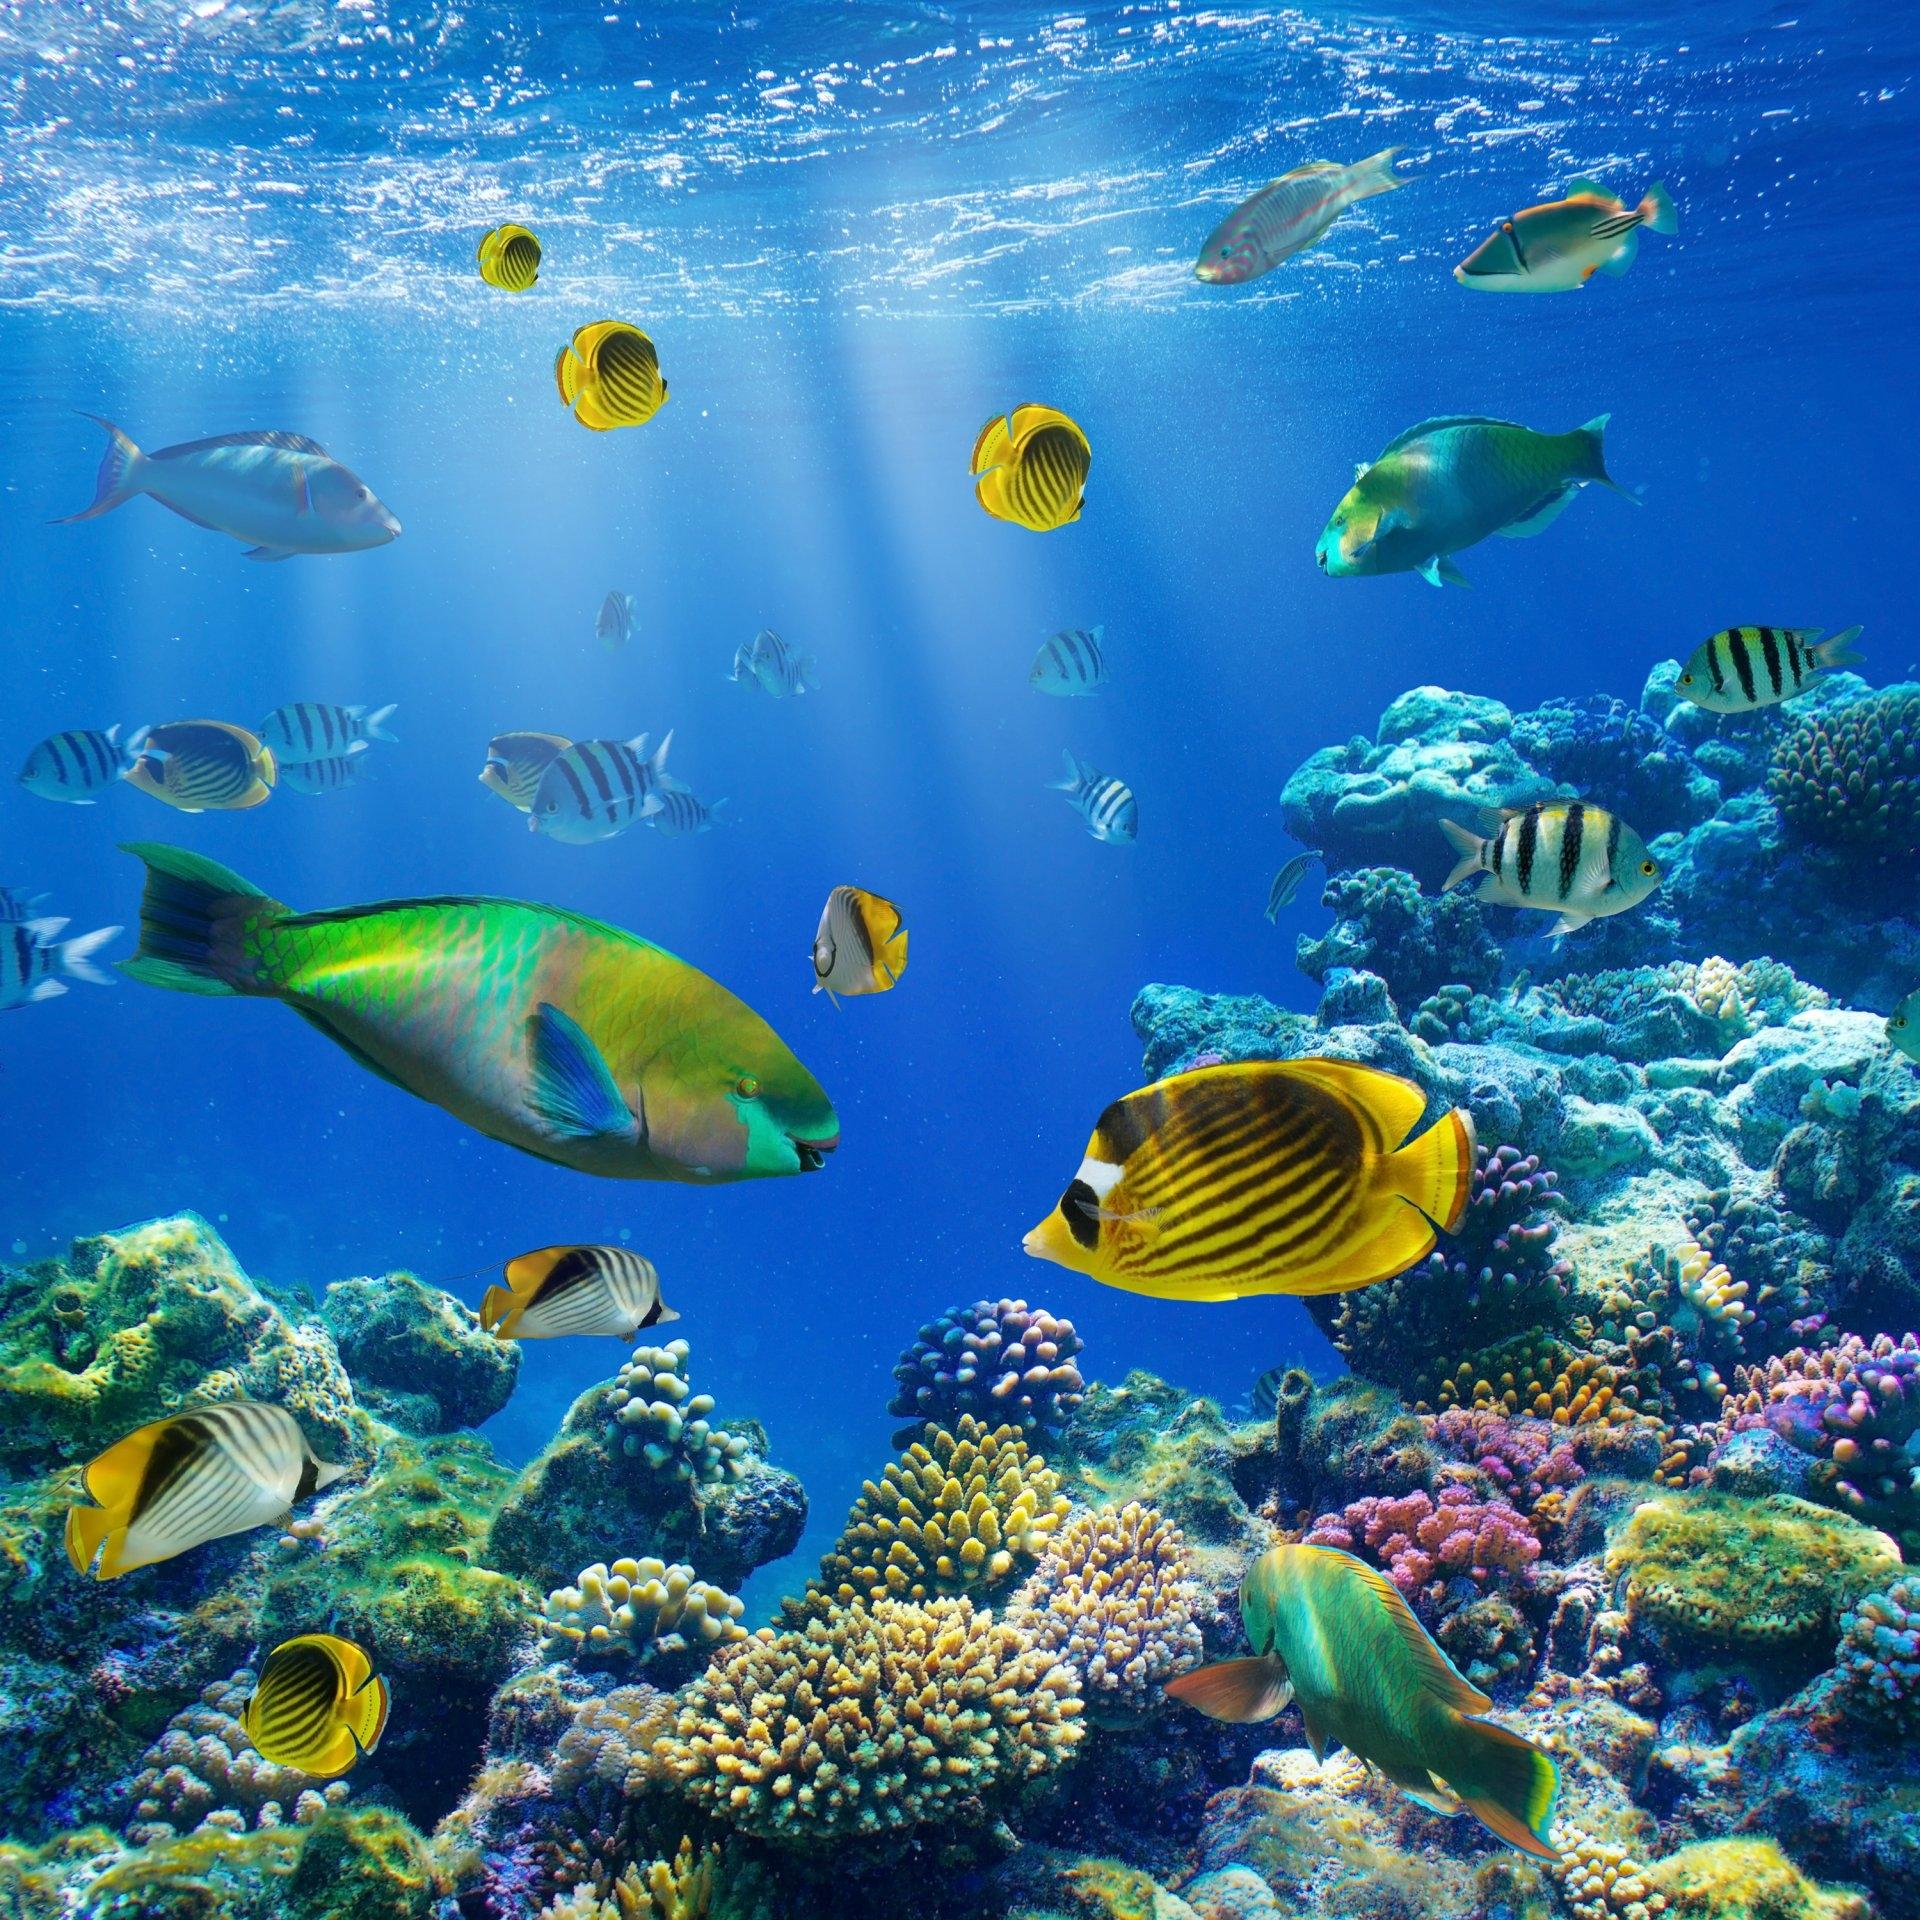 Всемирный день океанов: подборка самых ярких фото - фото №1